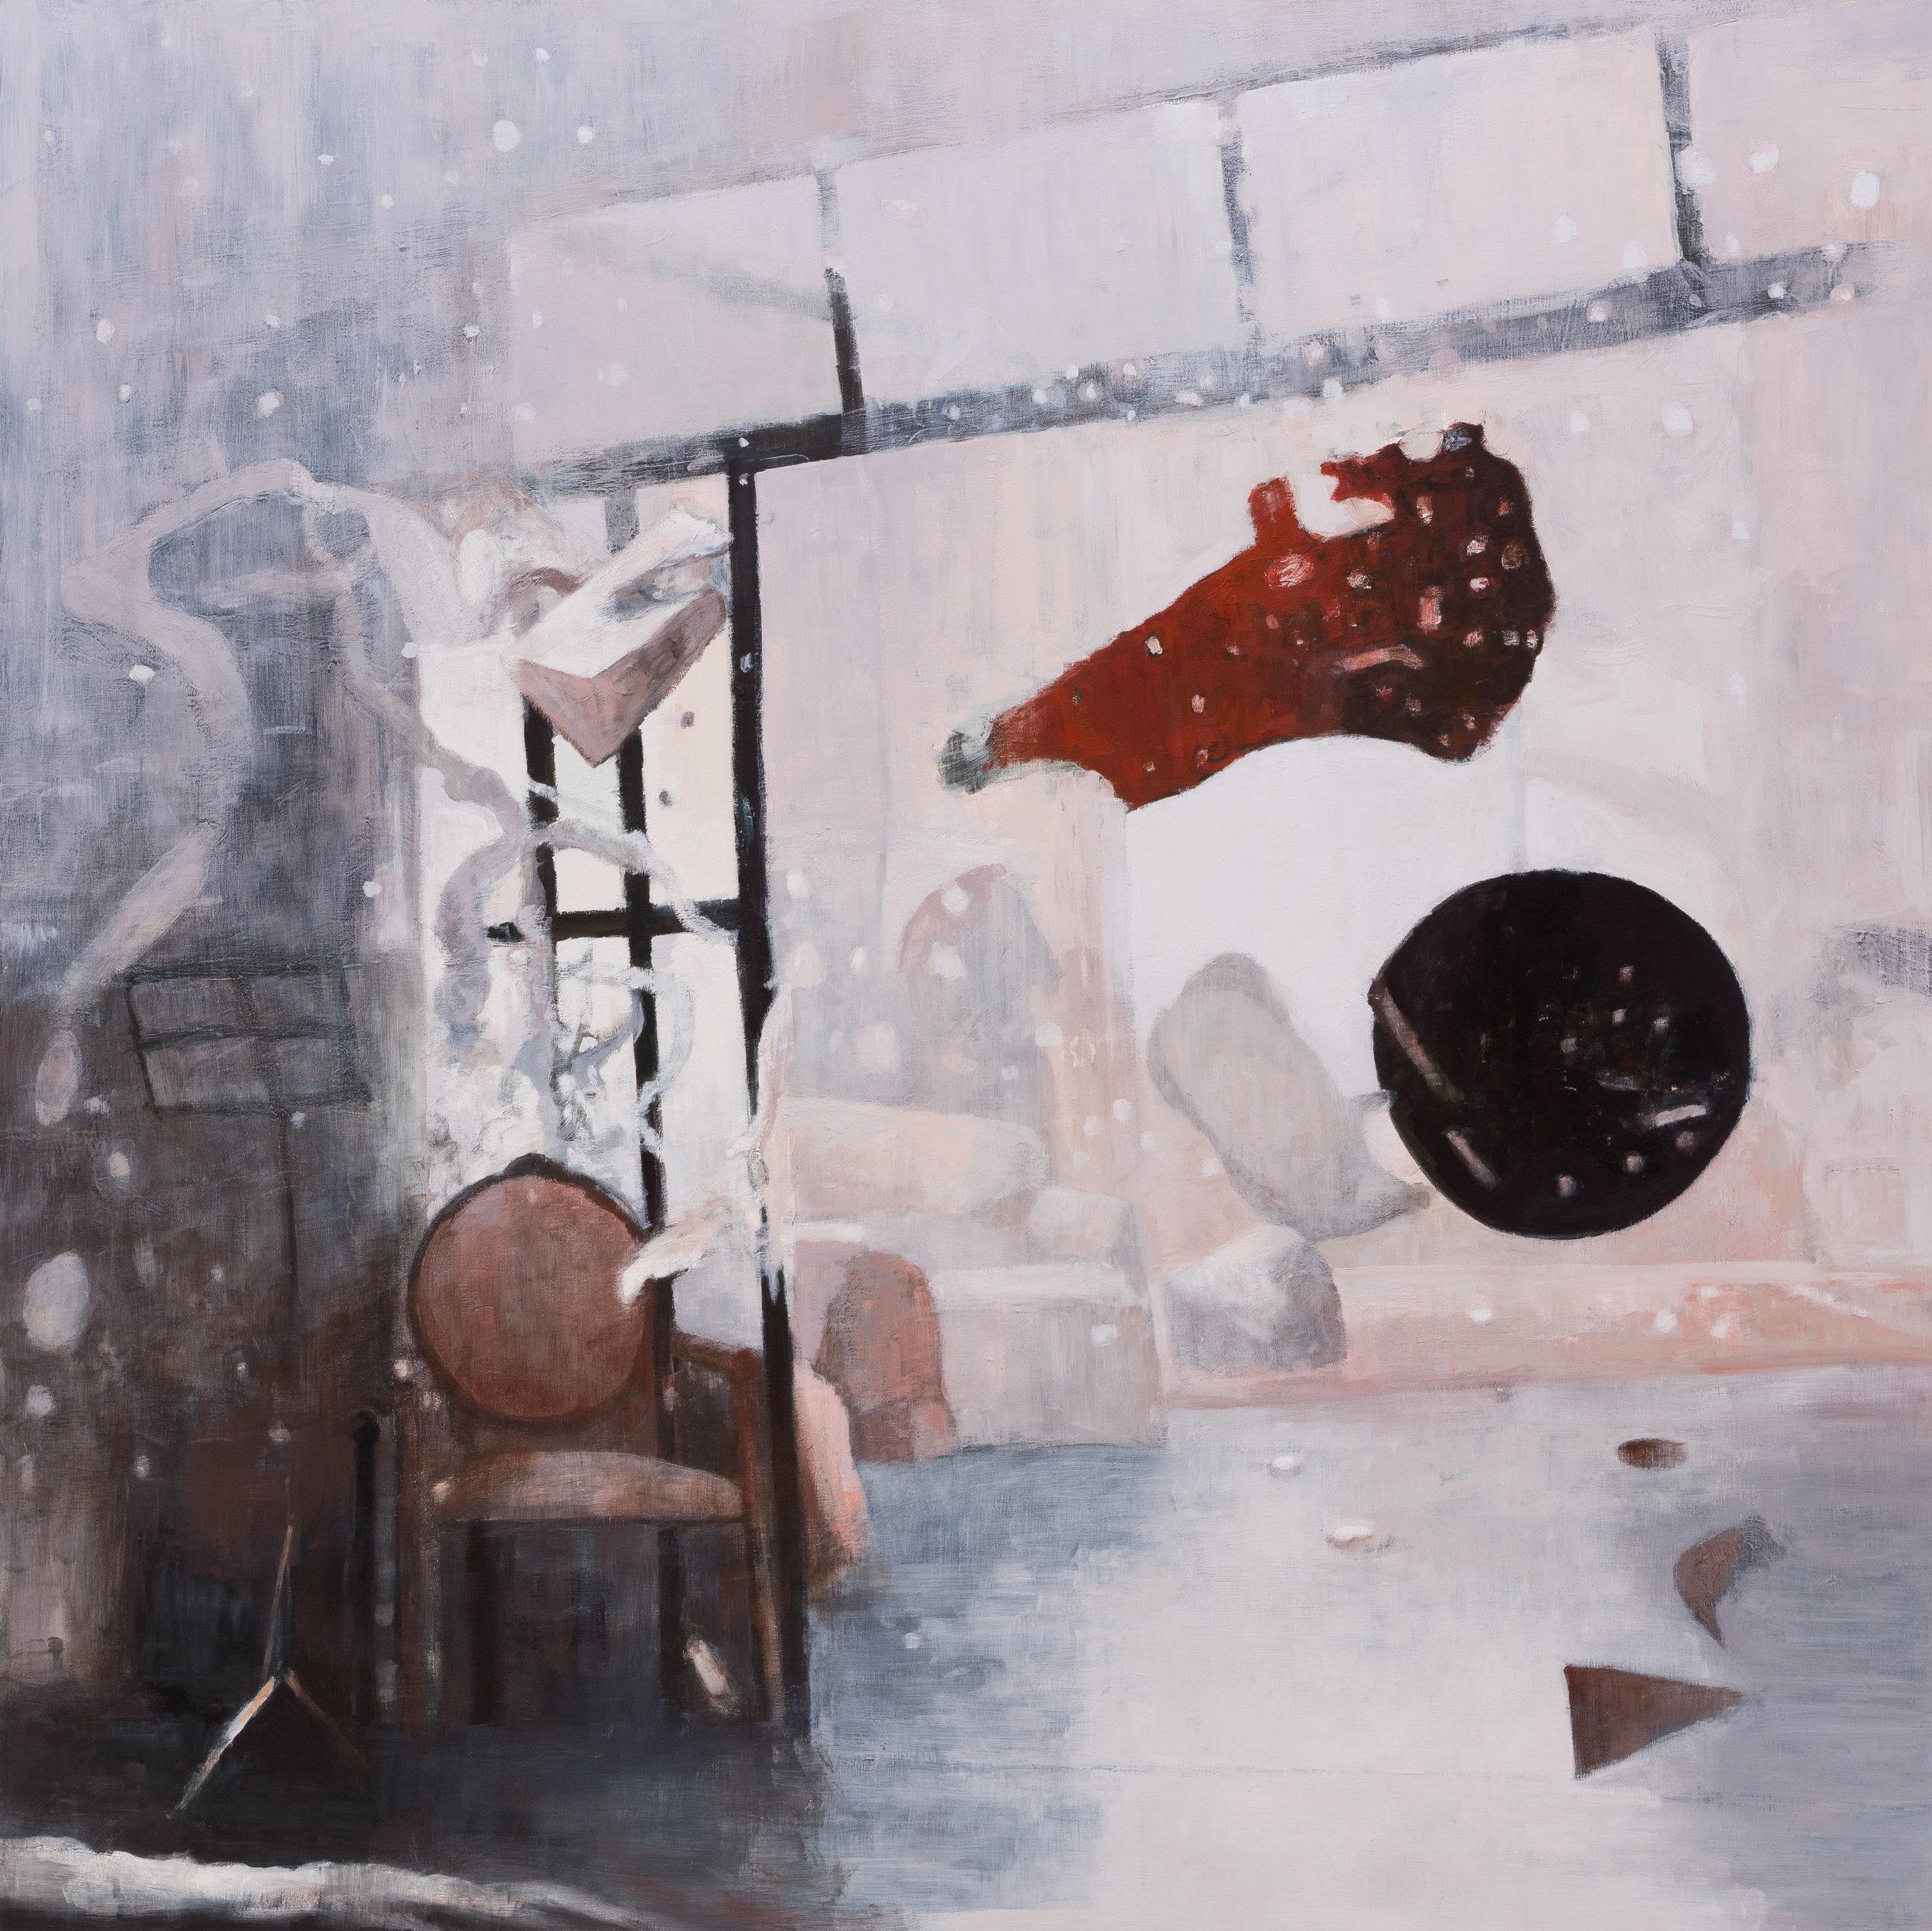 """Joe Lima, There is no place like home, 2019, peinture à l'huile et cire sur panneau de bois, 152.4 x 152.4 cm (60"""" x 60"""")"""